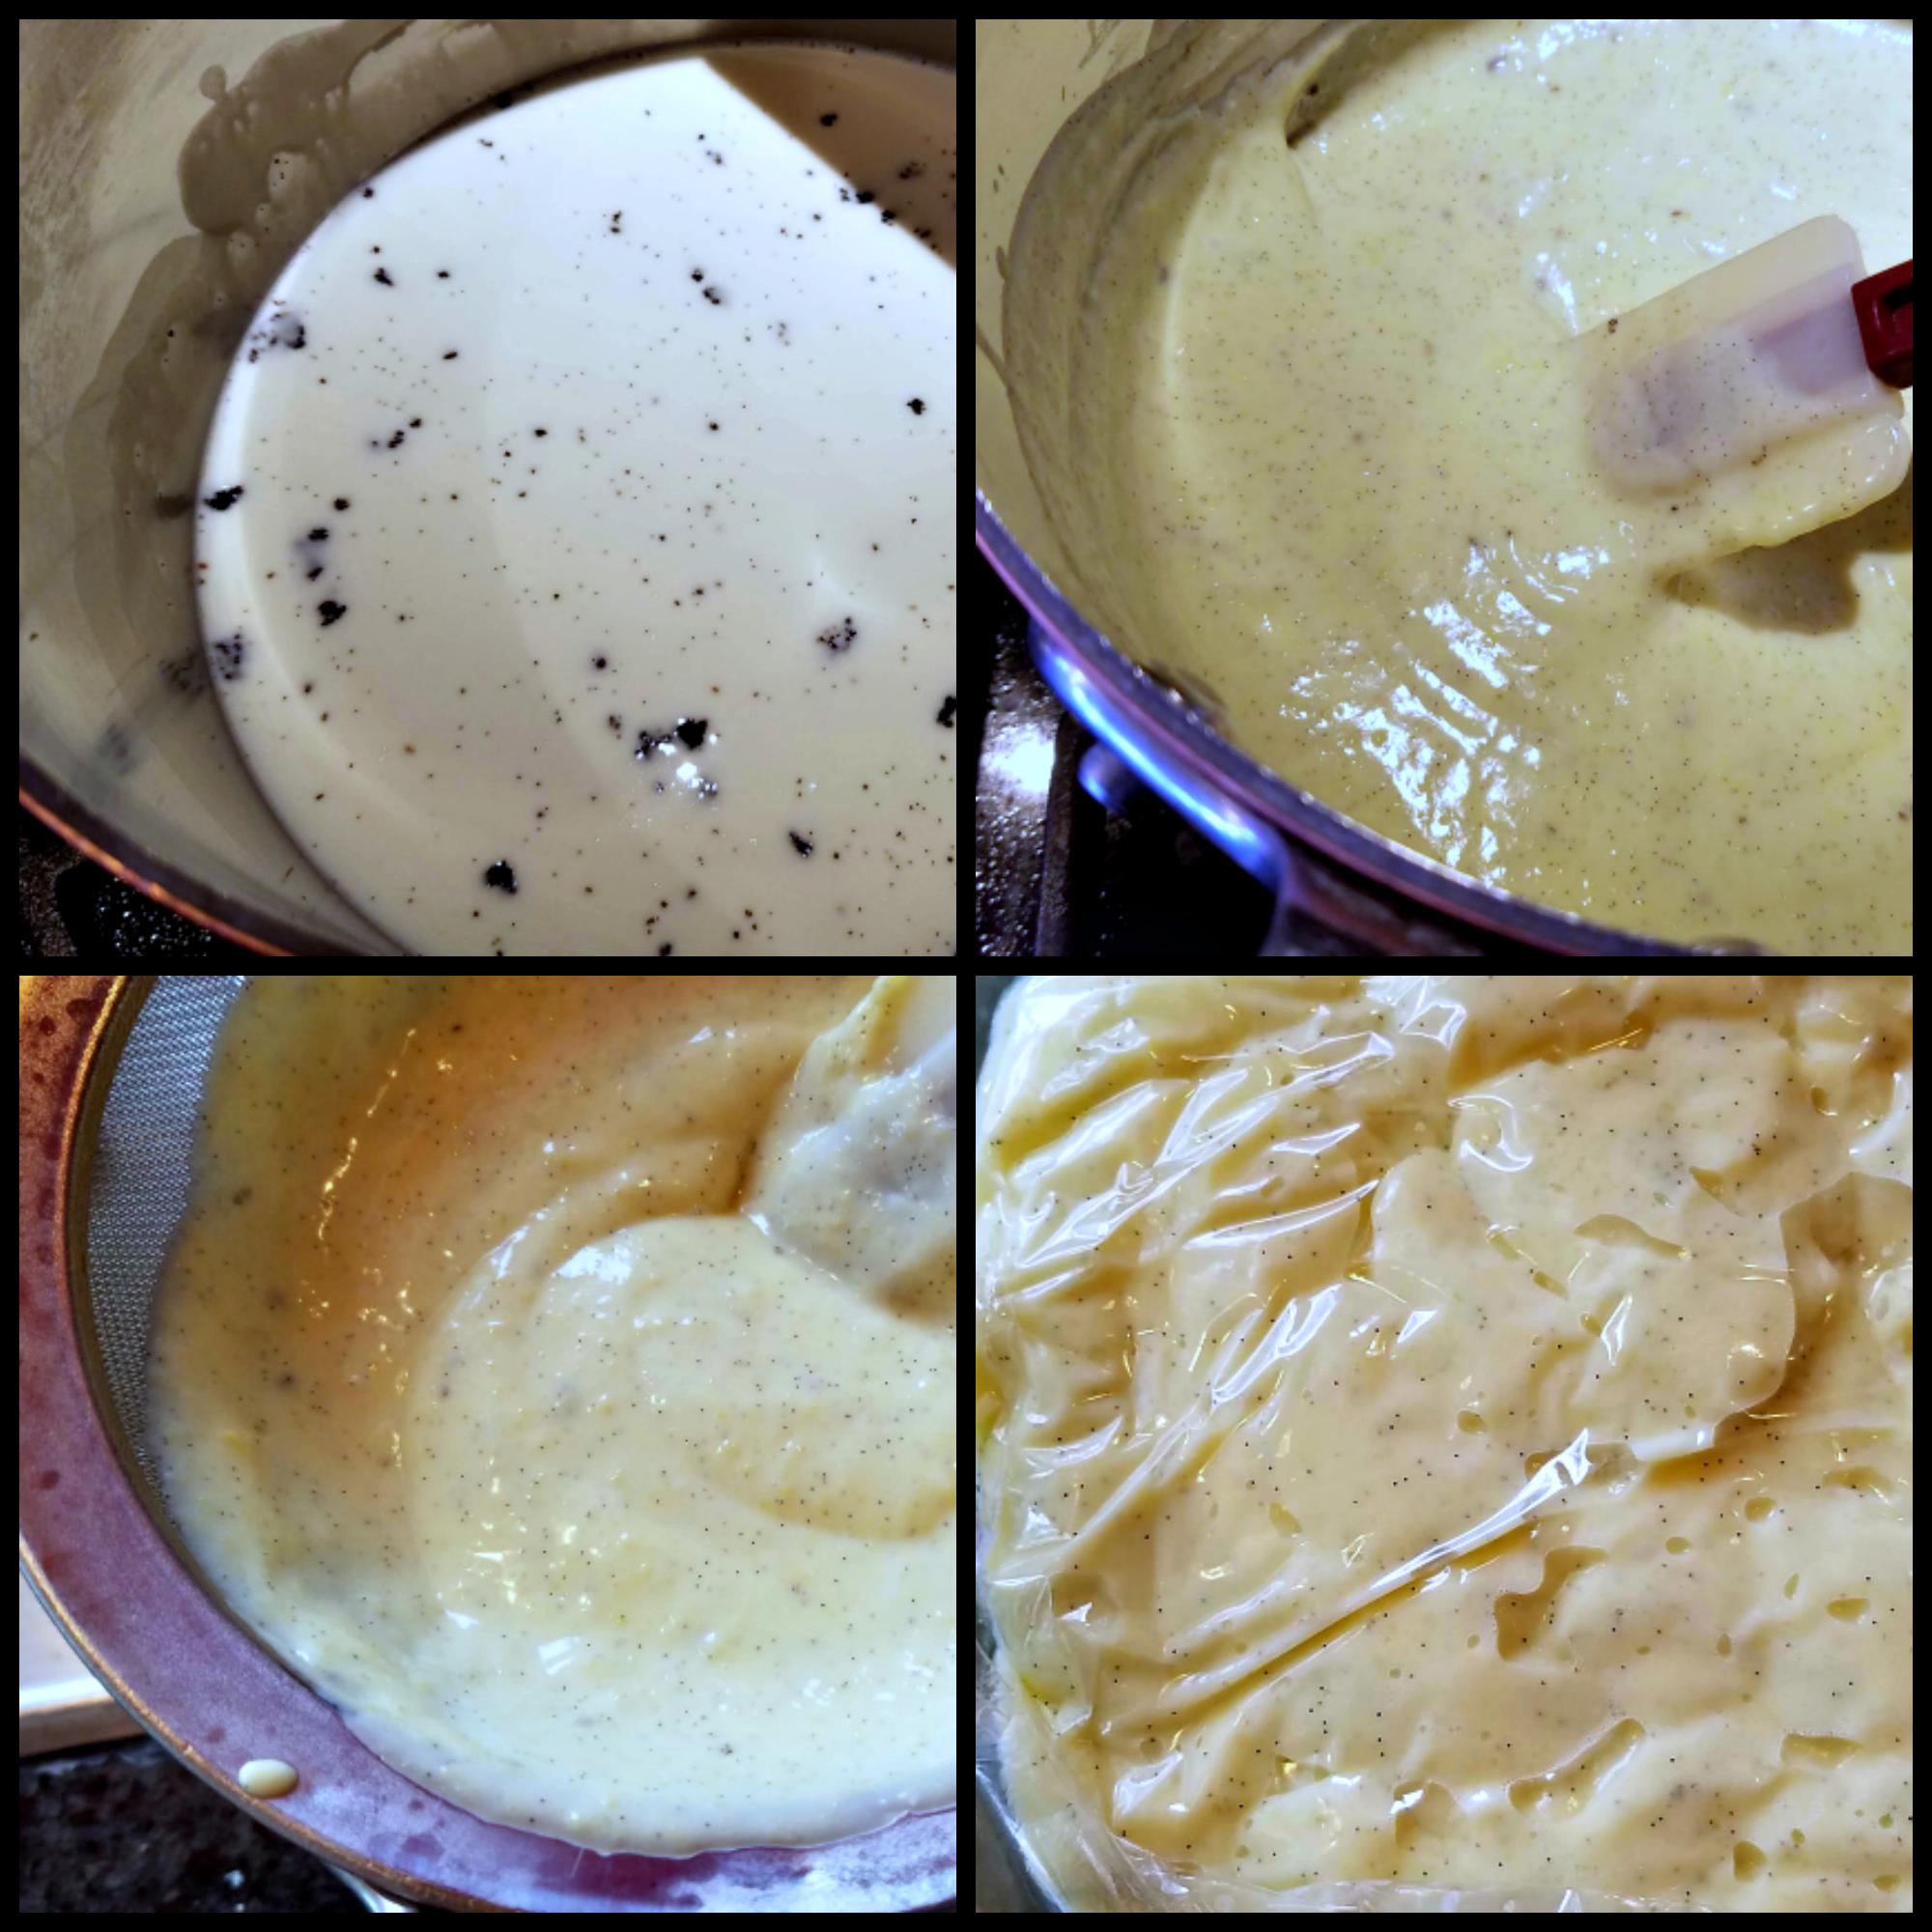 celebration dessert, puits d'amours